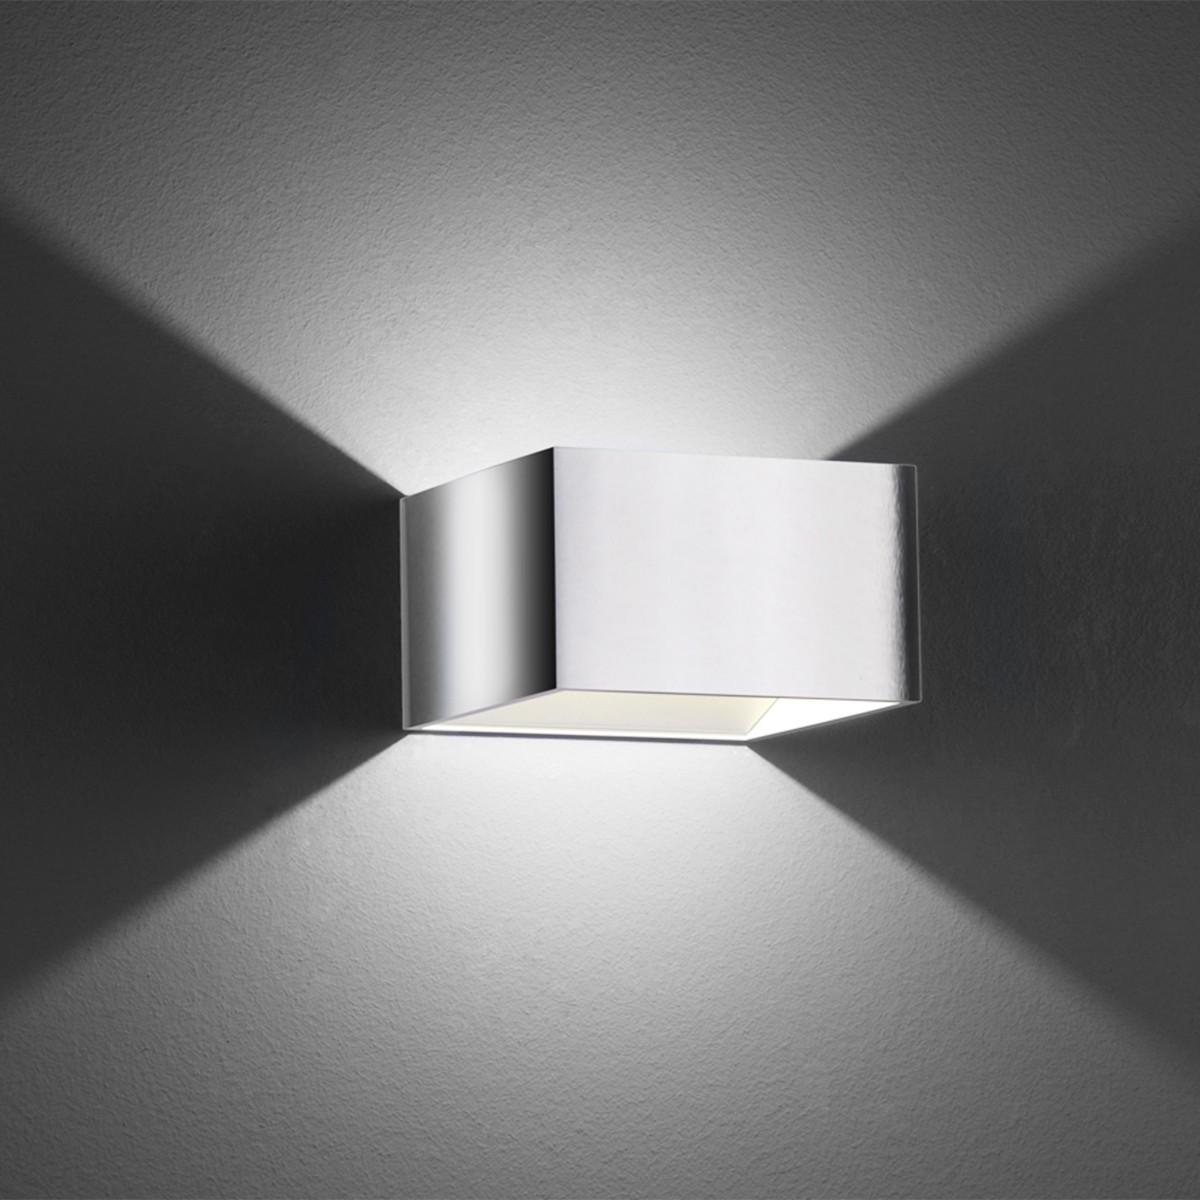 B-Leuchten Cube Wandleuchte, Chrom/Alu poliert